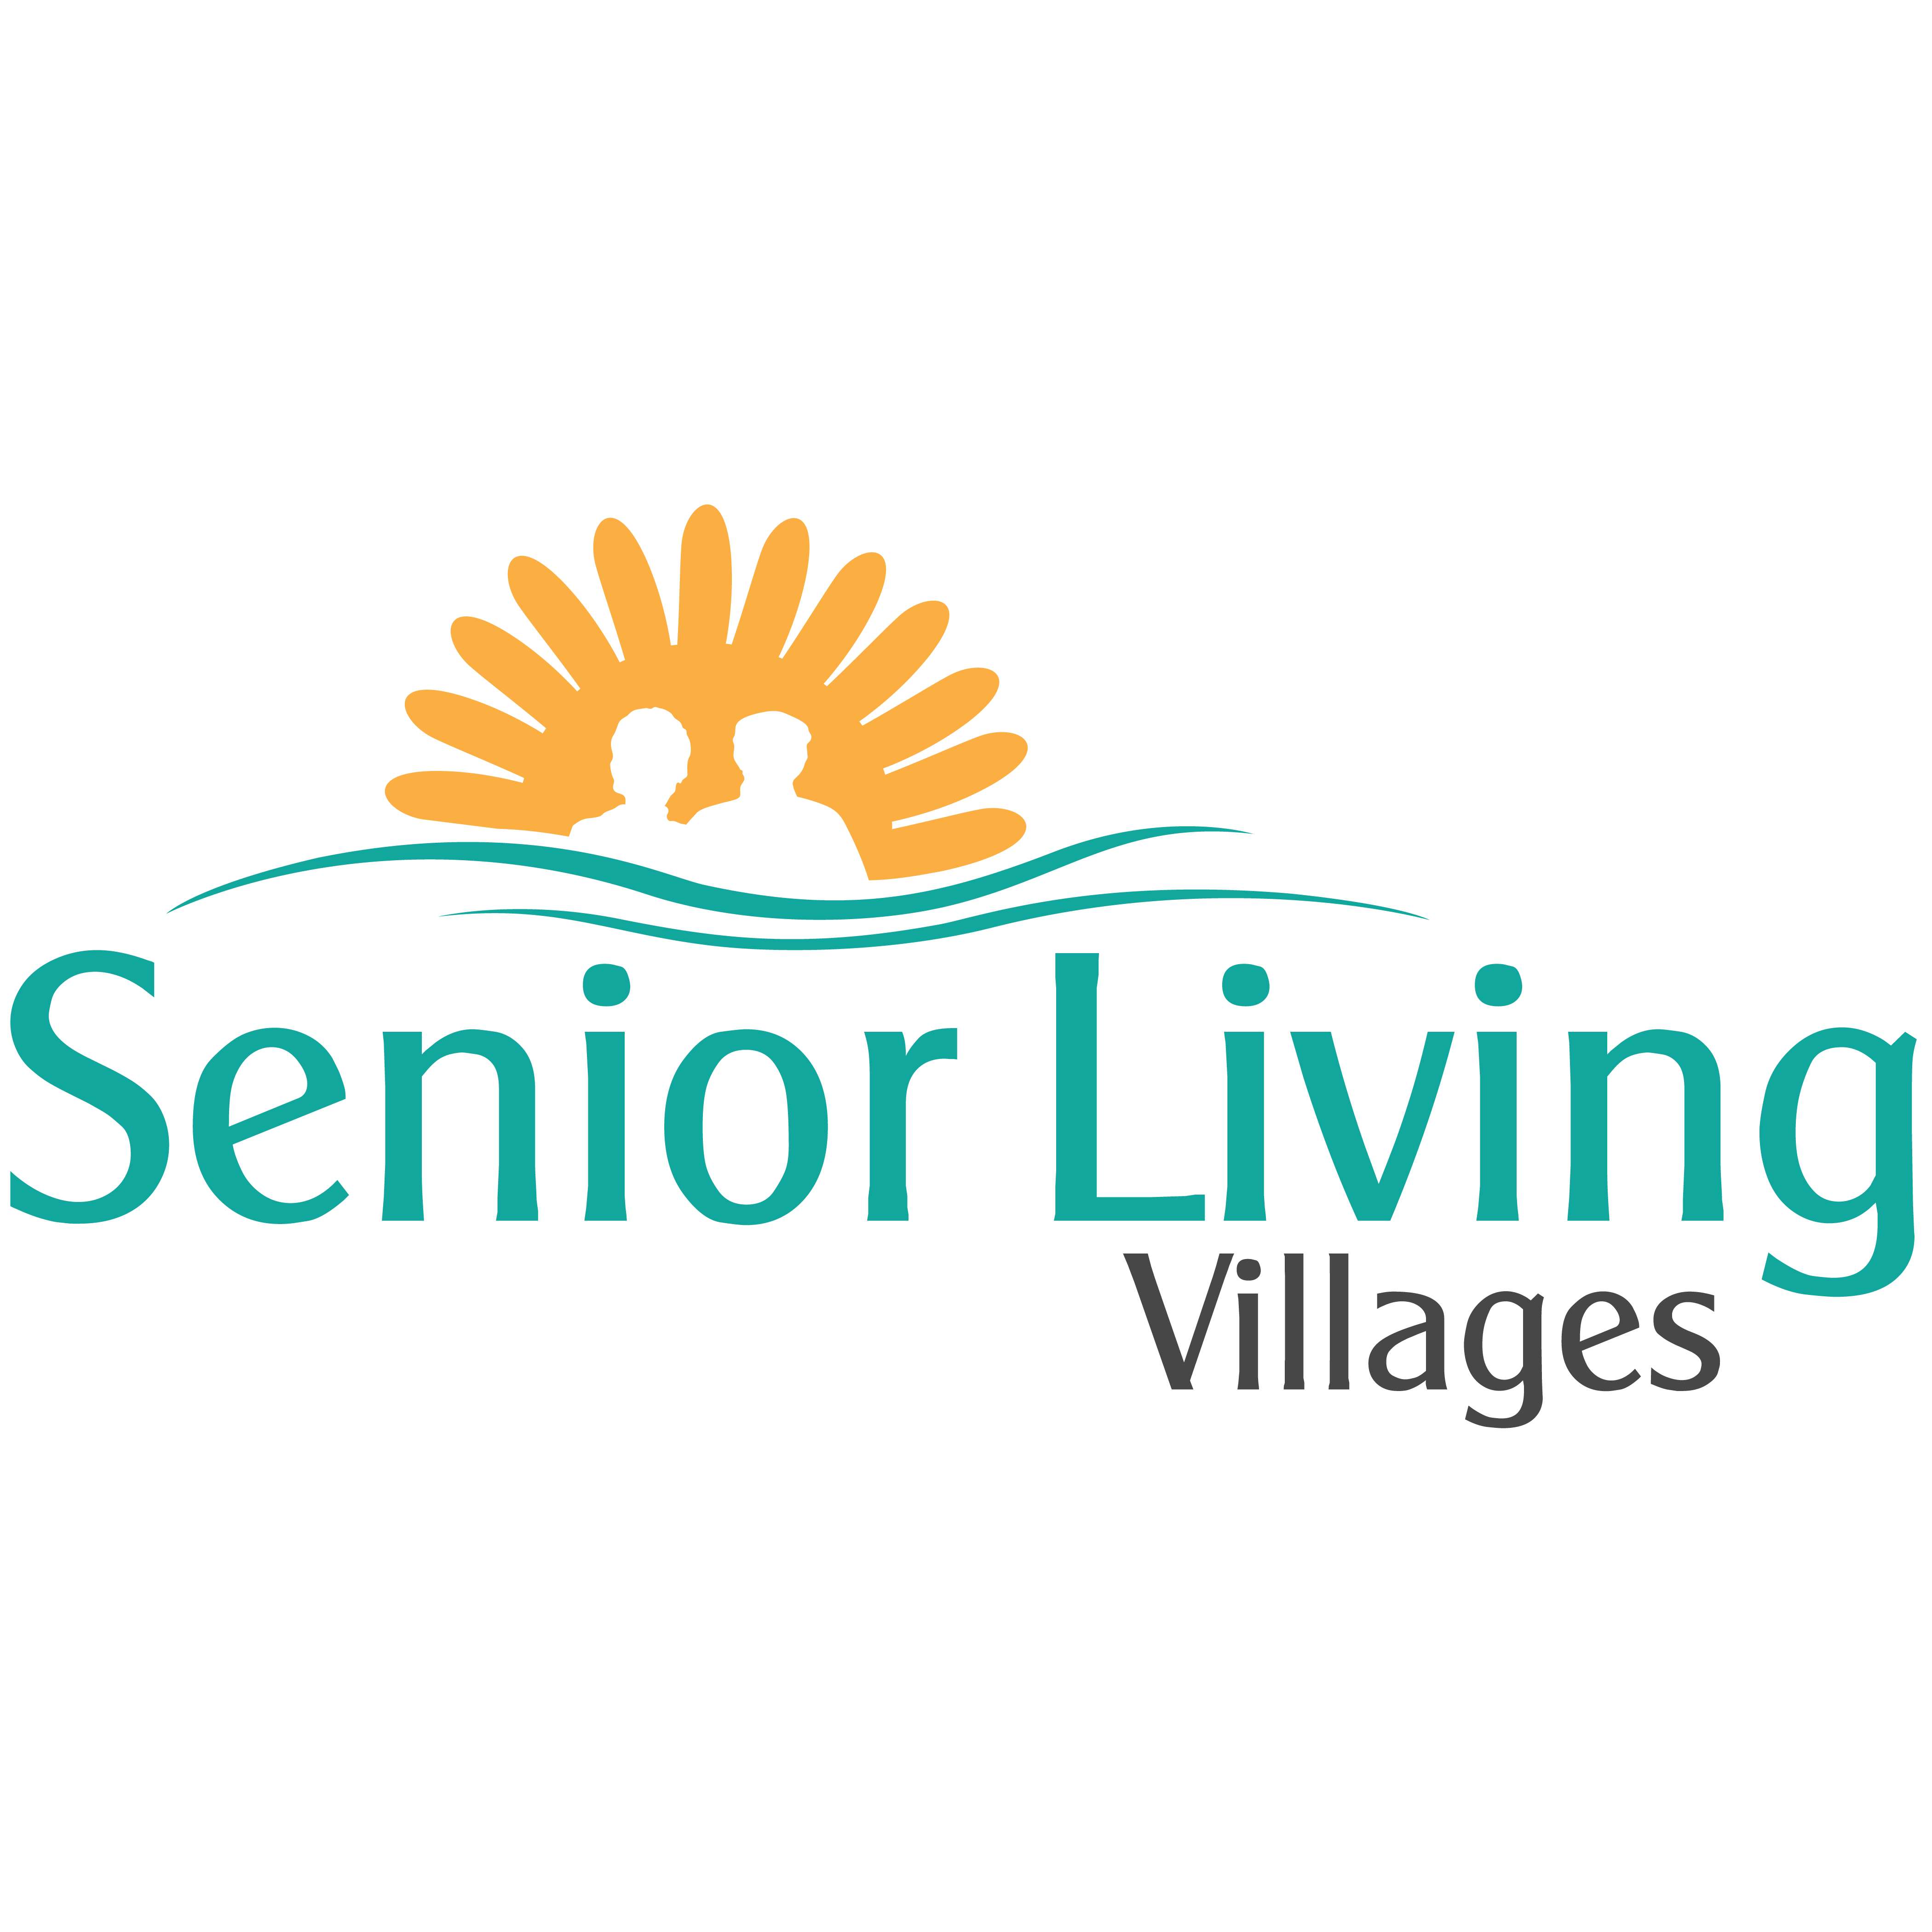 Premier Provider of Retirement Solutions - Senior Living Villages